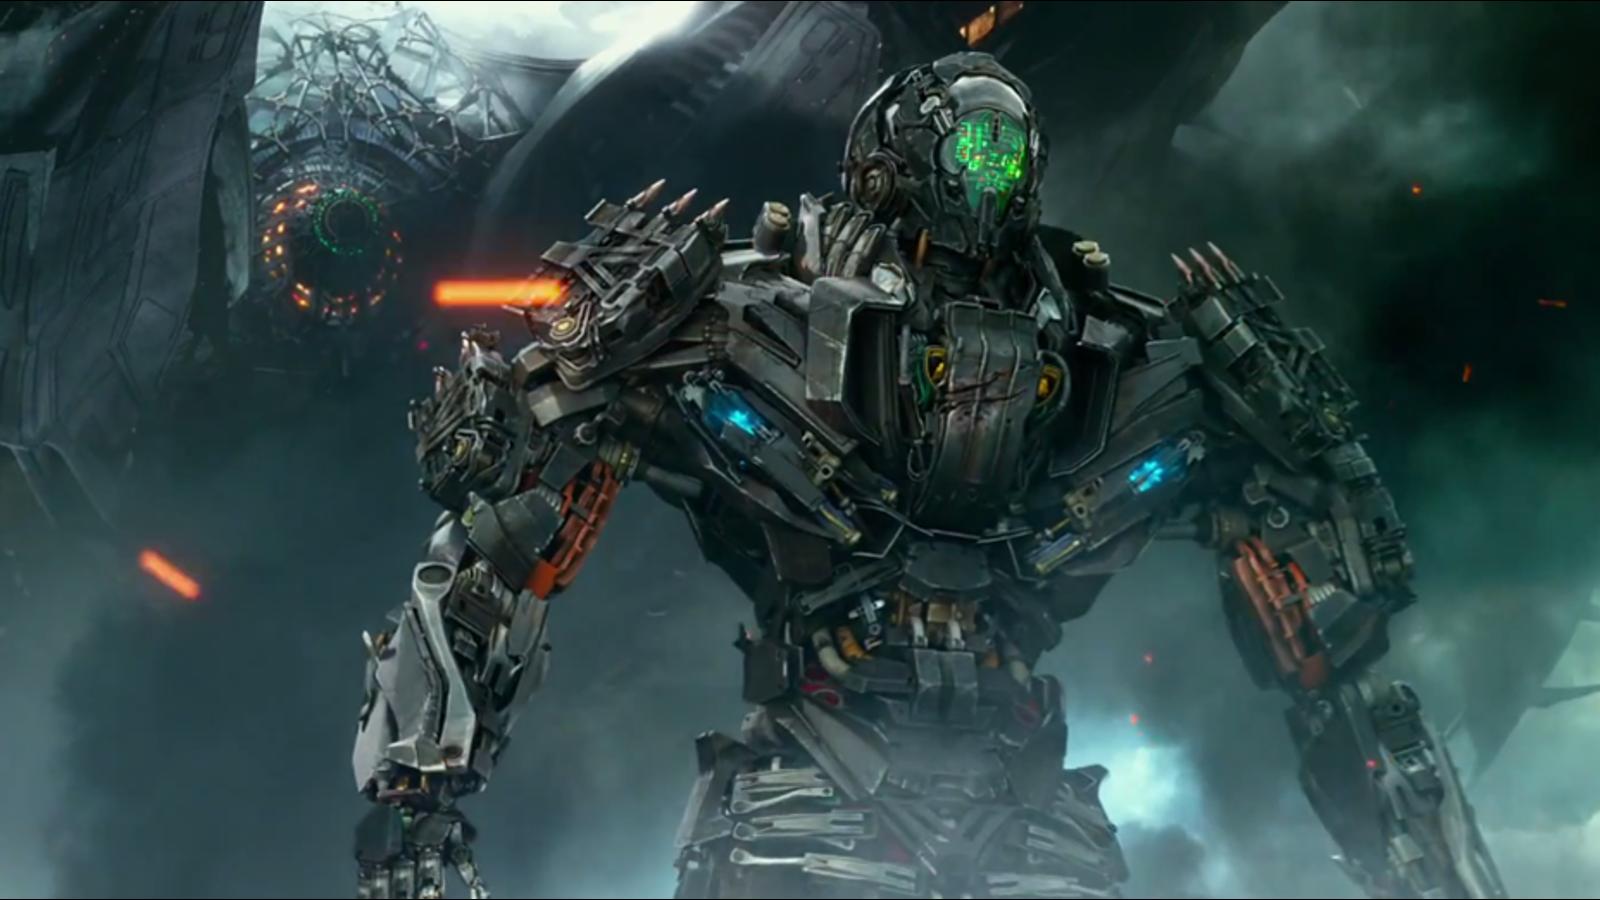 Extinción de los humanos y dinobots, el nuevo tráiler de Transformers